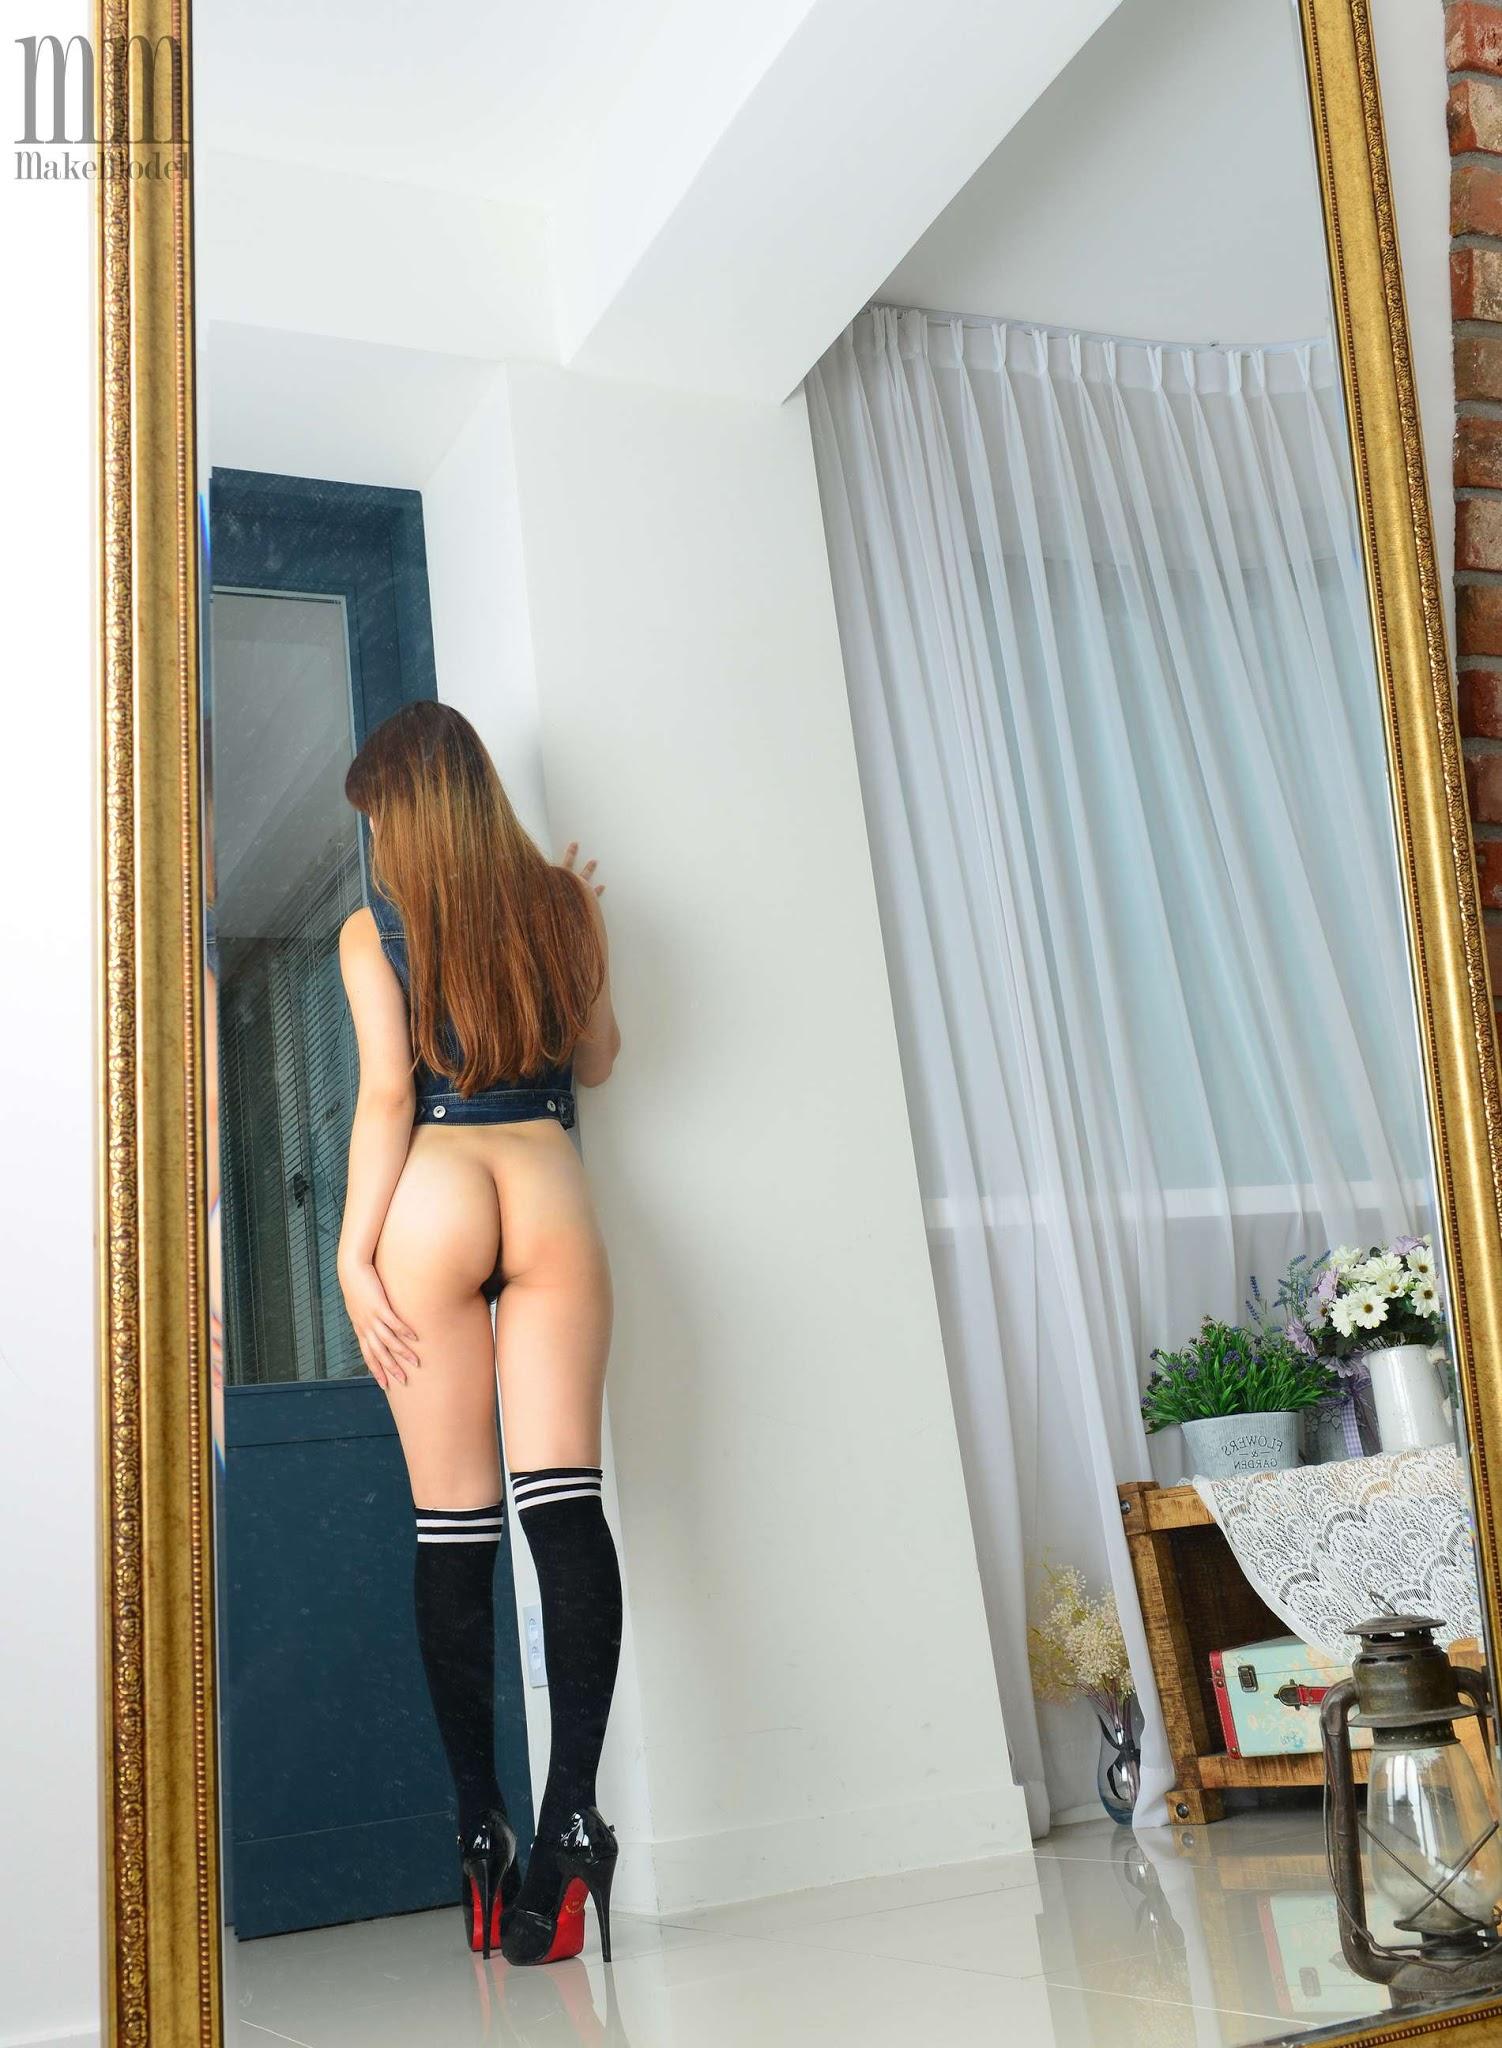 韩国Makemodel 도희 Dohui Naked | Topless Jean Jacket Set ...